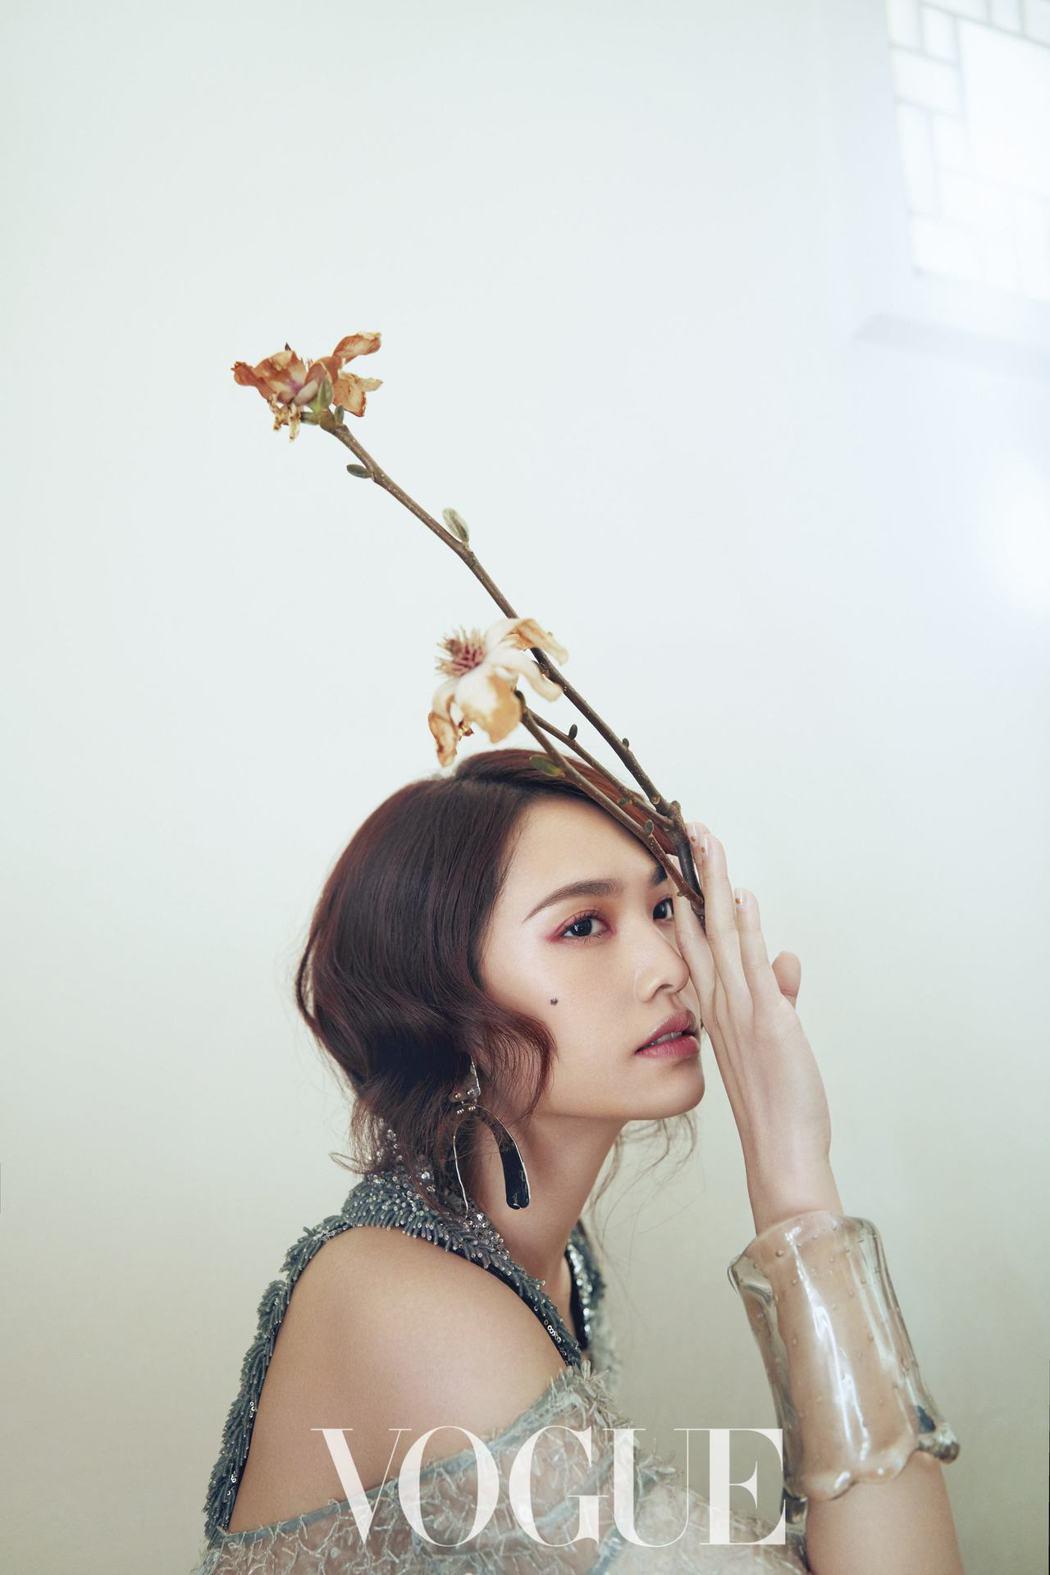 楊丞琳表示,與李榮浩交往後,開始想當個「平凡人」。圖/VOGUE提供